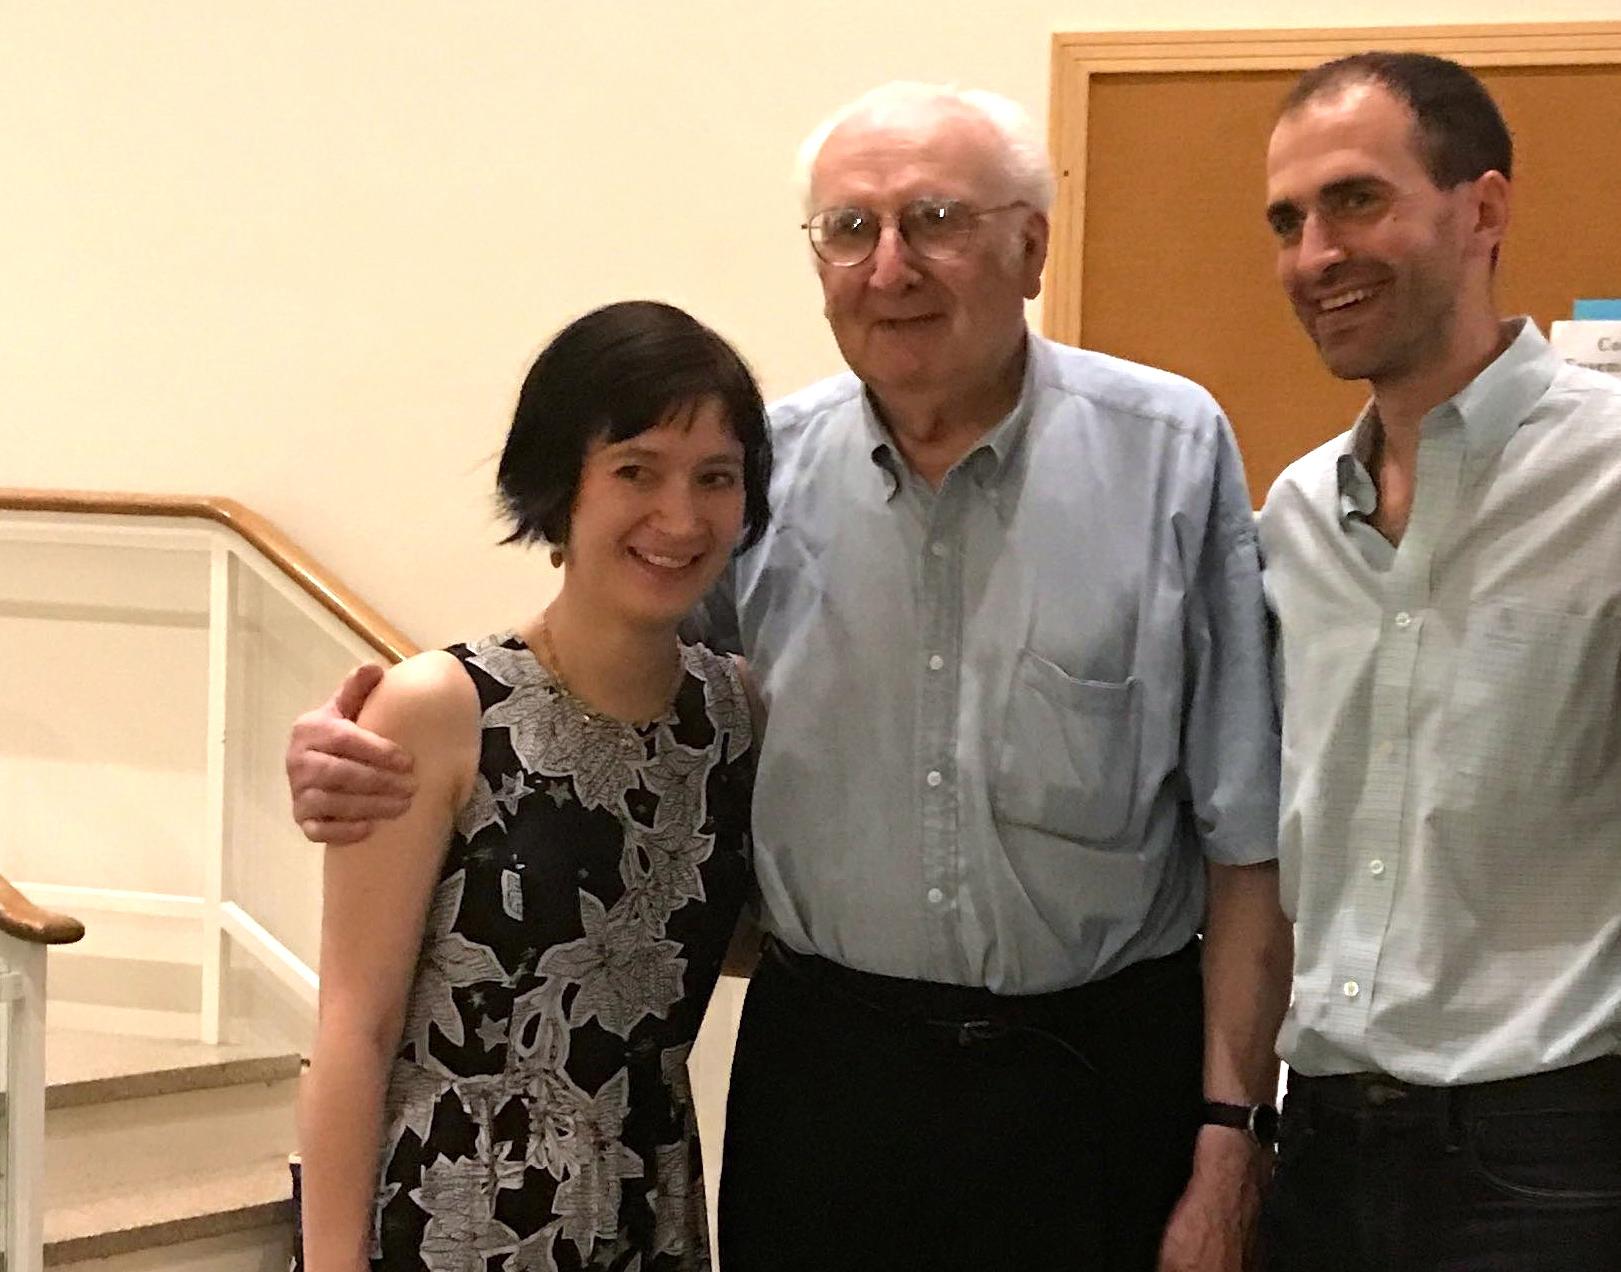 Miranda Cuckson, Mario Davidovsky, and Diego Tedesco